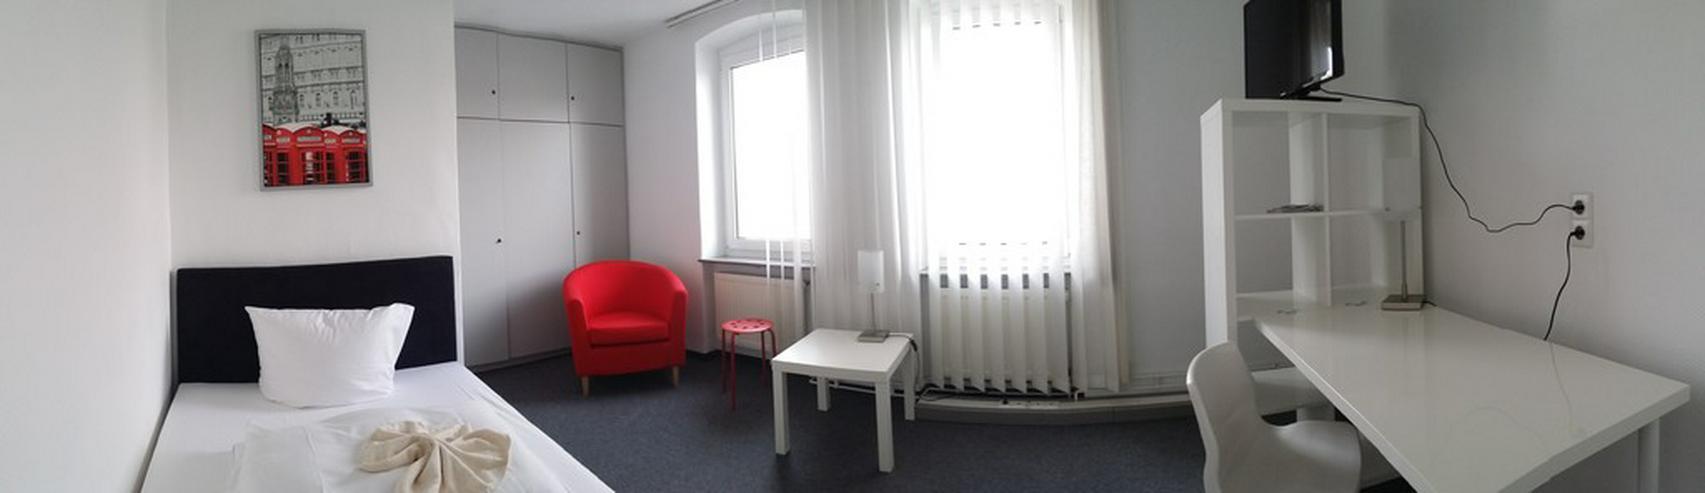 Zimmer im Das-Monteurhaus-Fulda